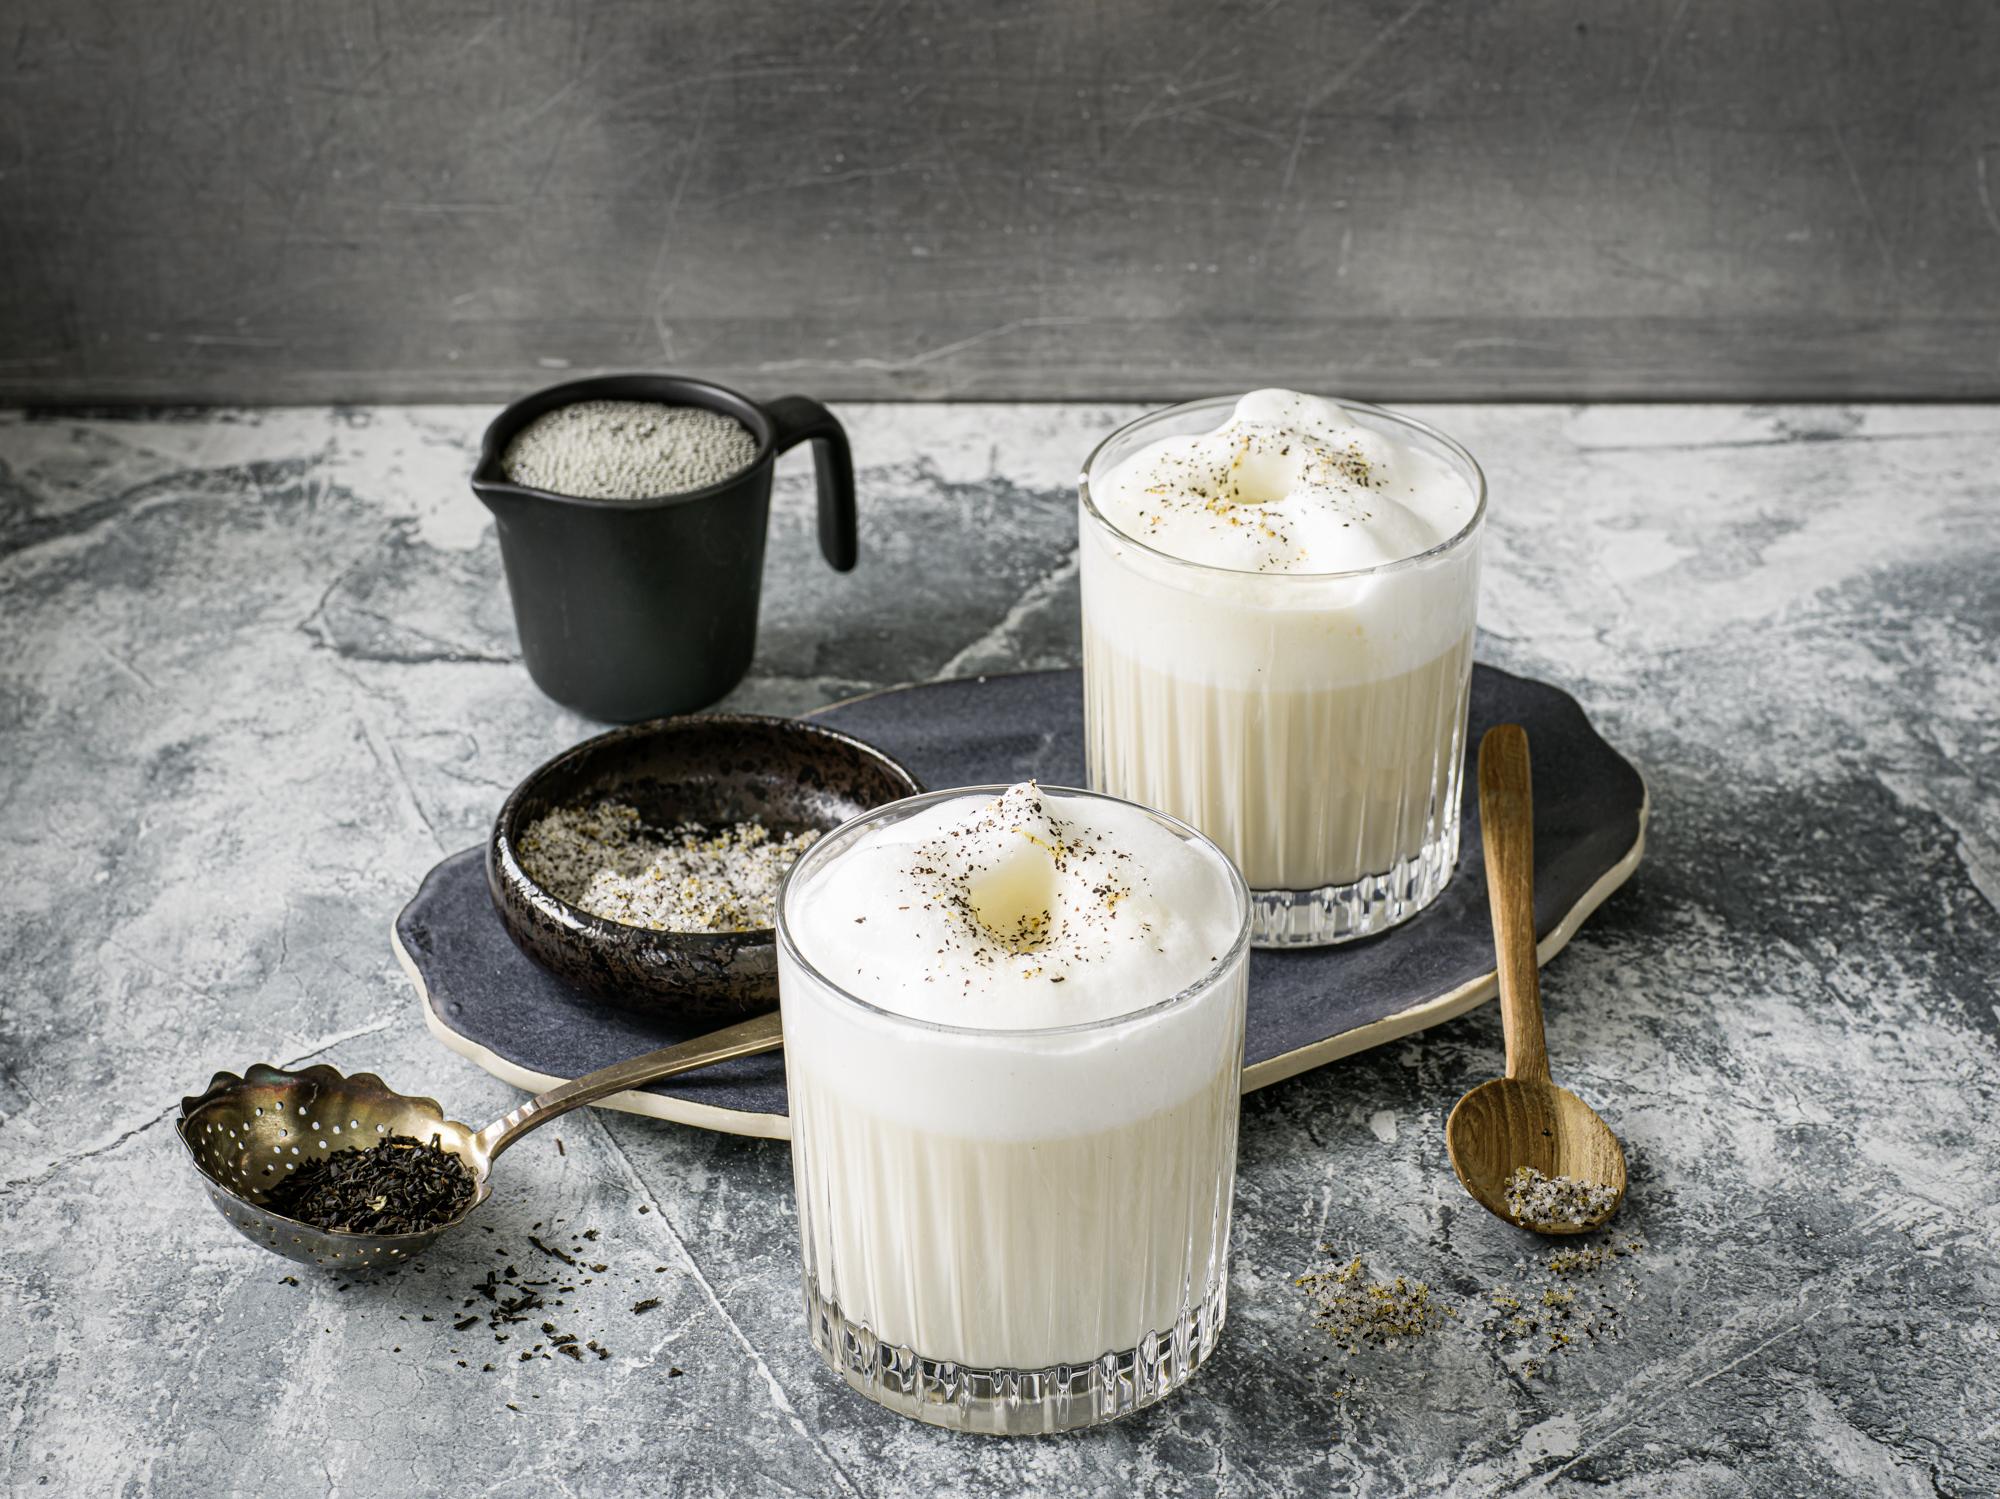 Kaffee-Fotografie   Stefan Schmidlin Fotograf Basel, Bild 11.jpg